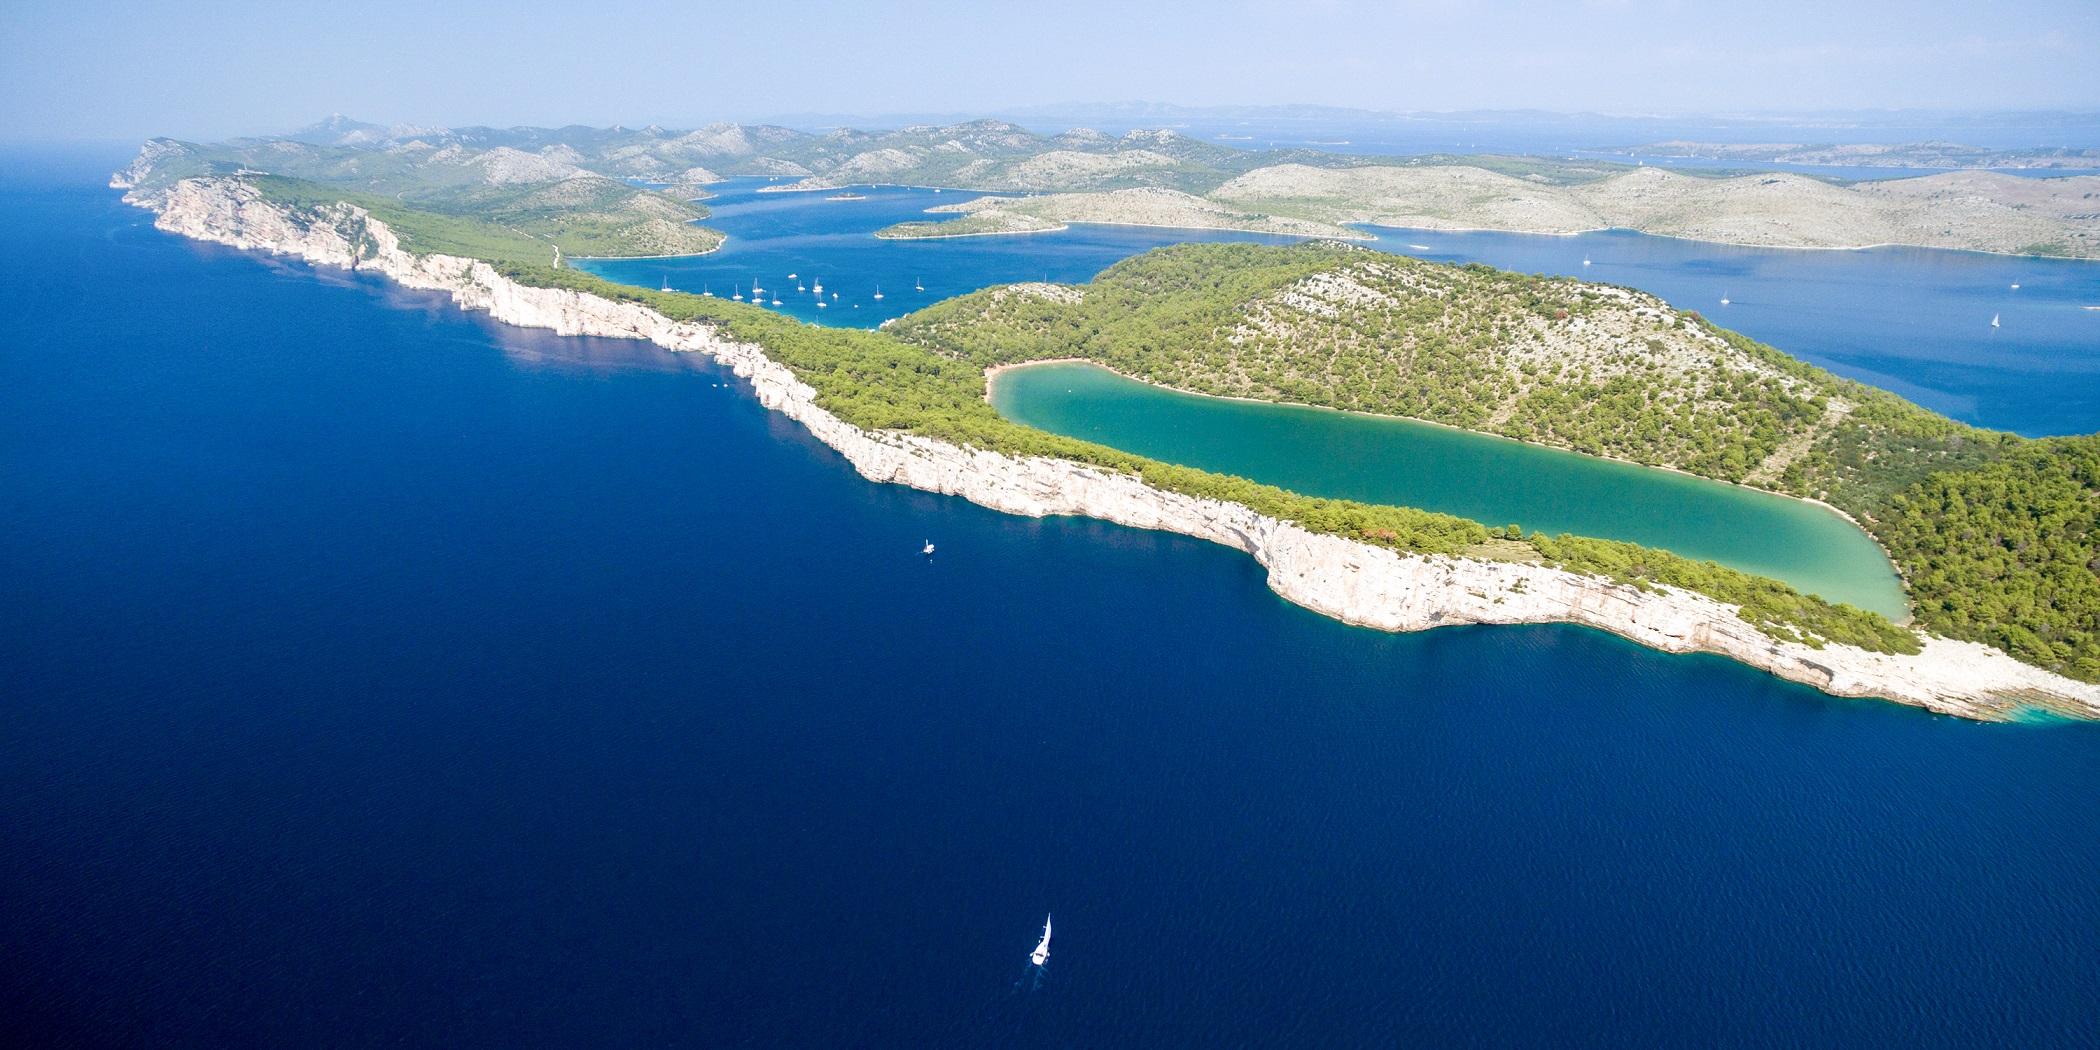 Die kroatische Insel Dugi Otok ist vielen unbekannt, steckt aber voller Schönheit